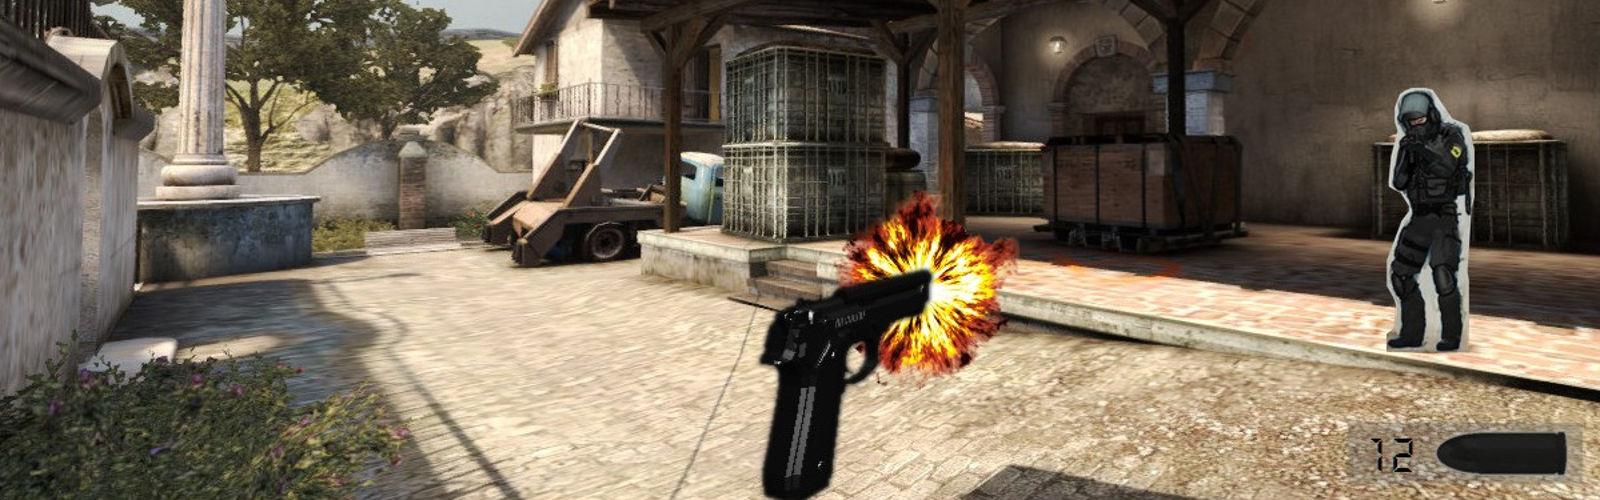 Tworzenie przeglądarkowych gier sieciowych